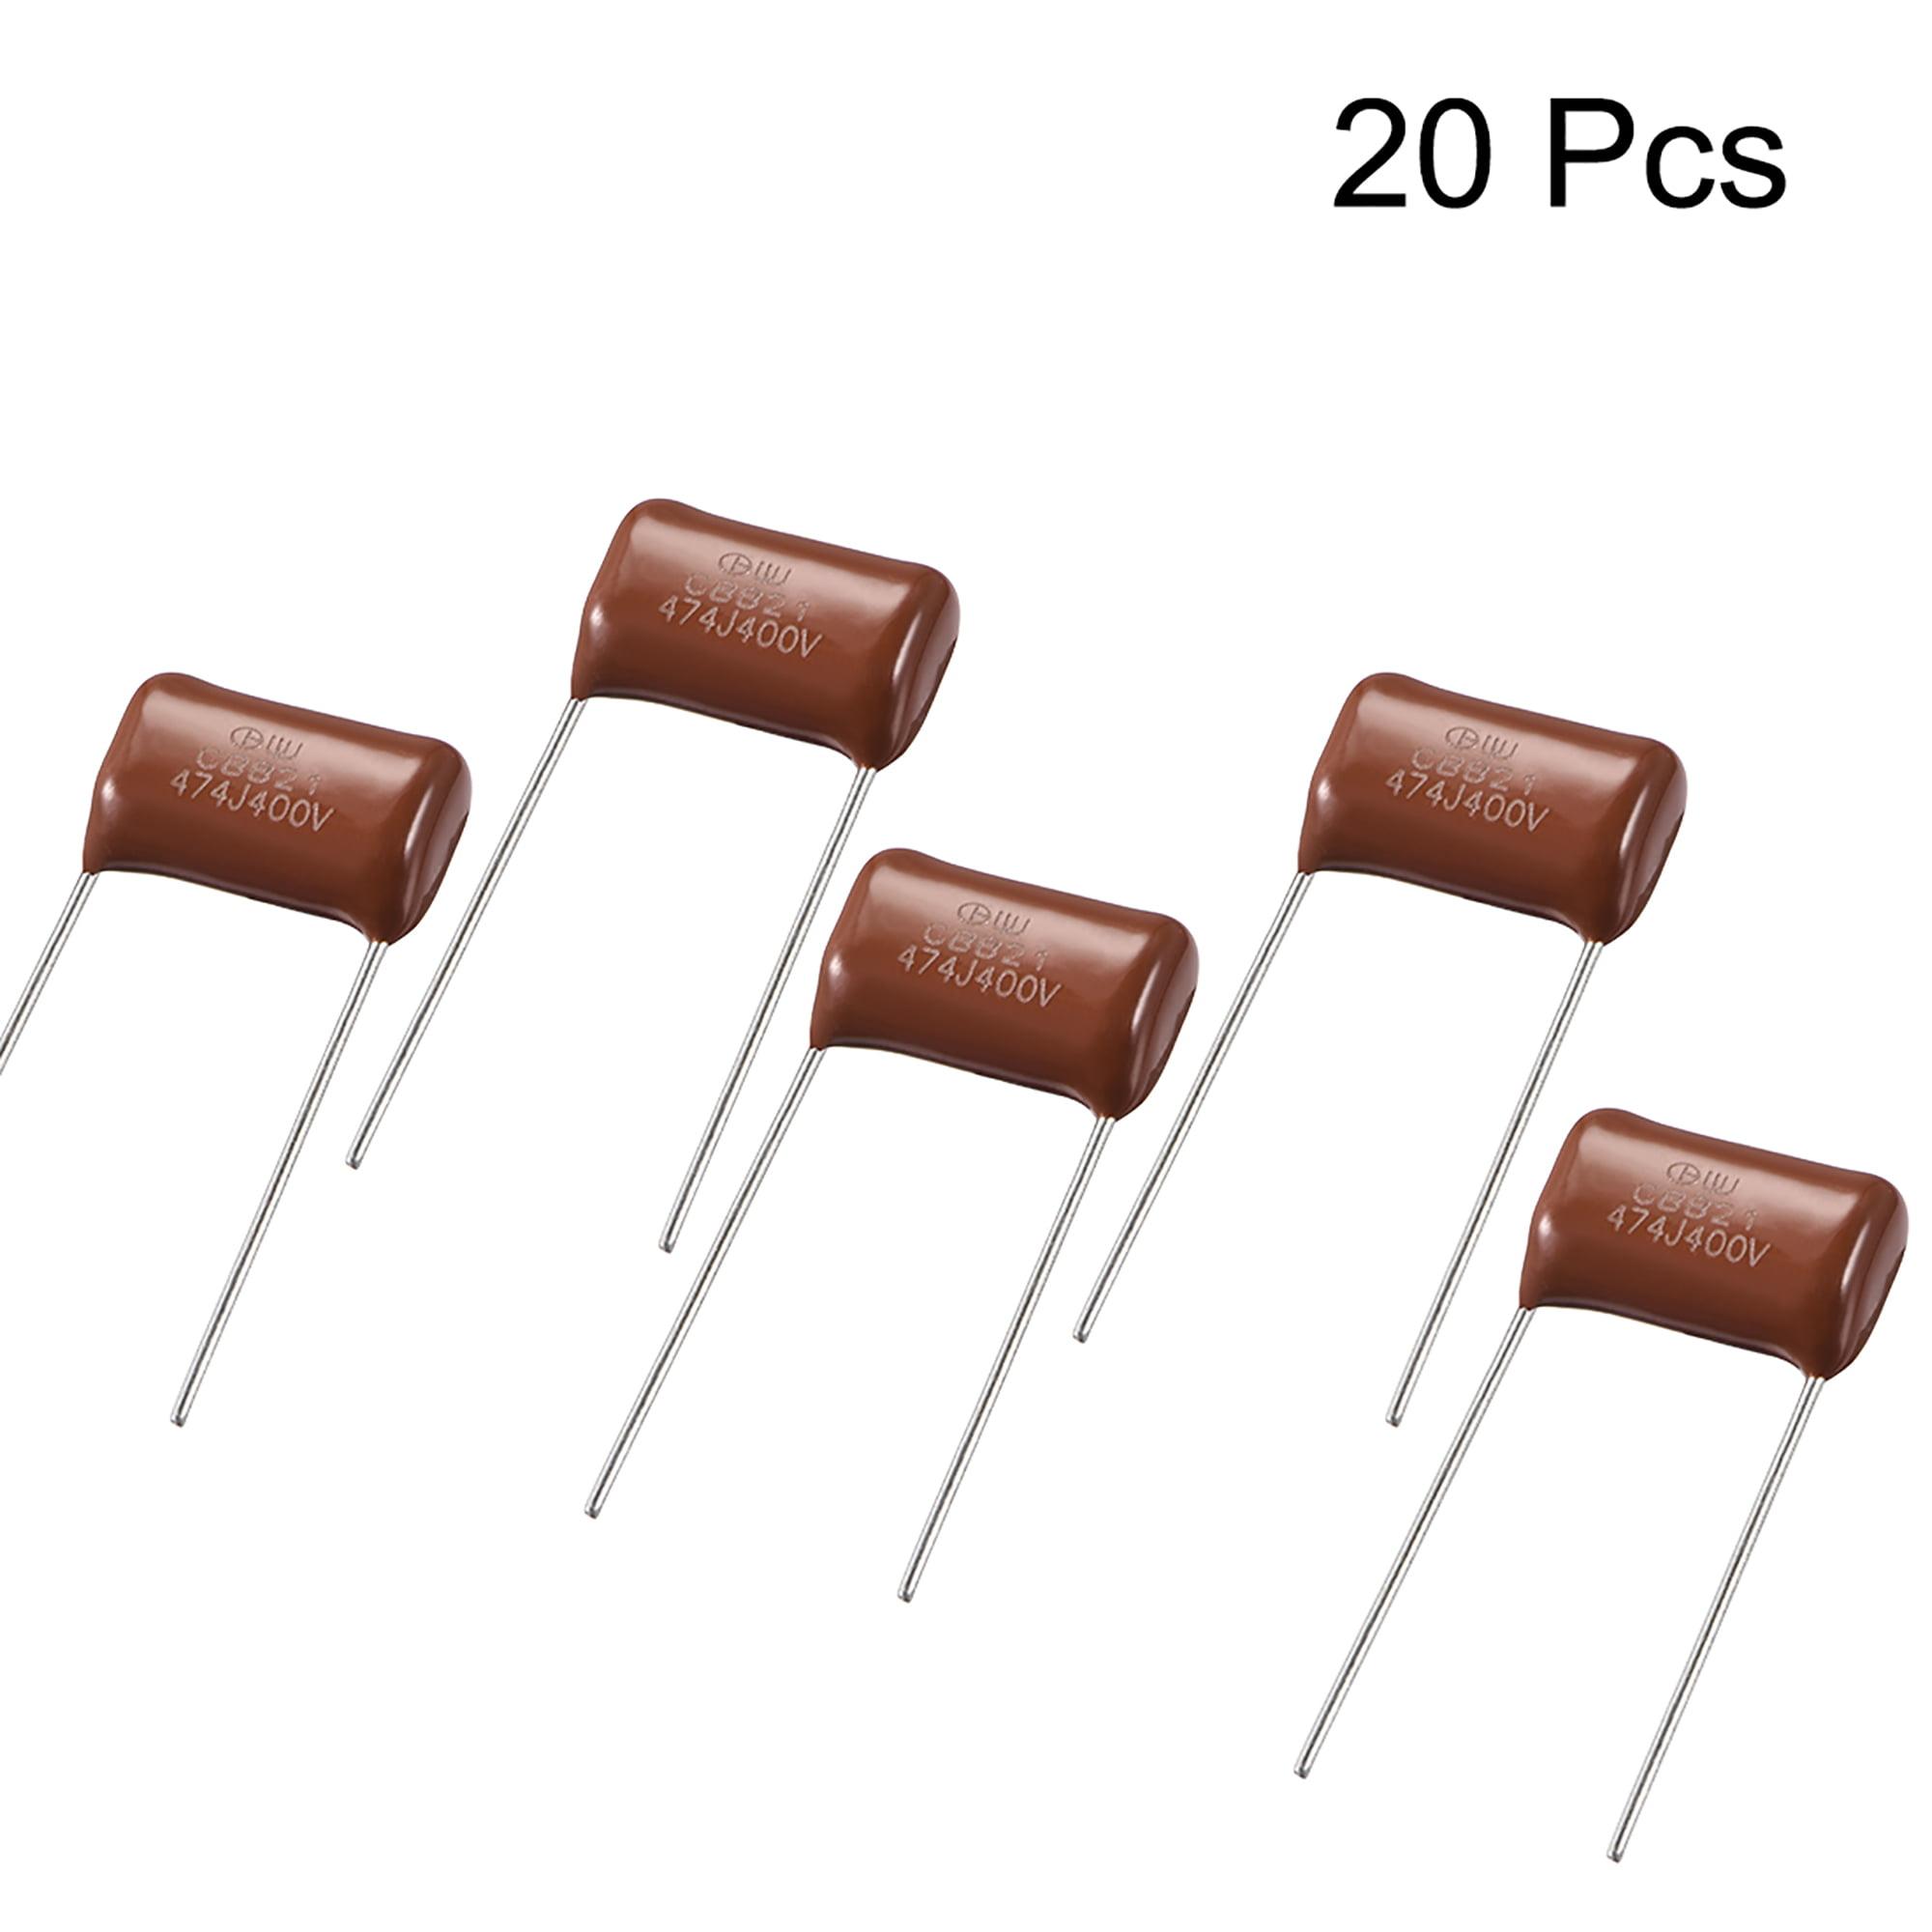 CBB21 Metallized Polypropylene Film Capacitors 400V 0.47uF 20pcs - image 1 of 3